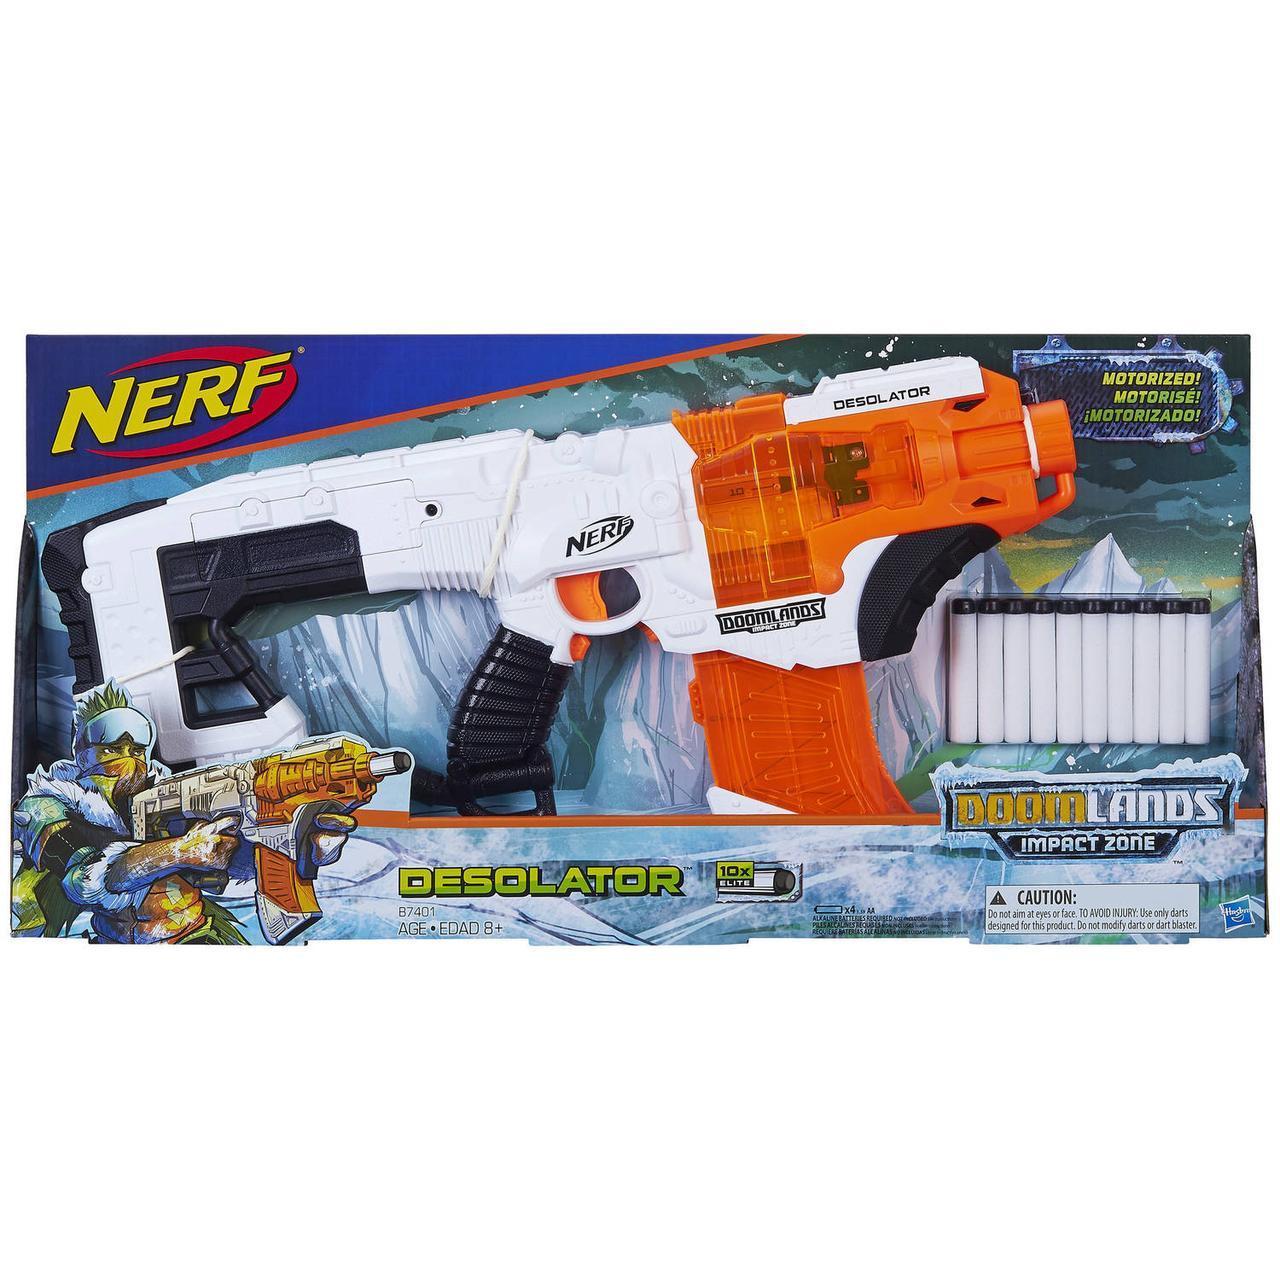 Бластер Nerf Думлэндс Опустошитель Doomlands Impact Zone Desolator от Hasbro  (B7401)